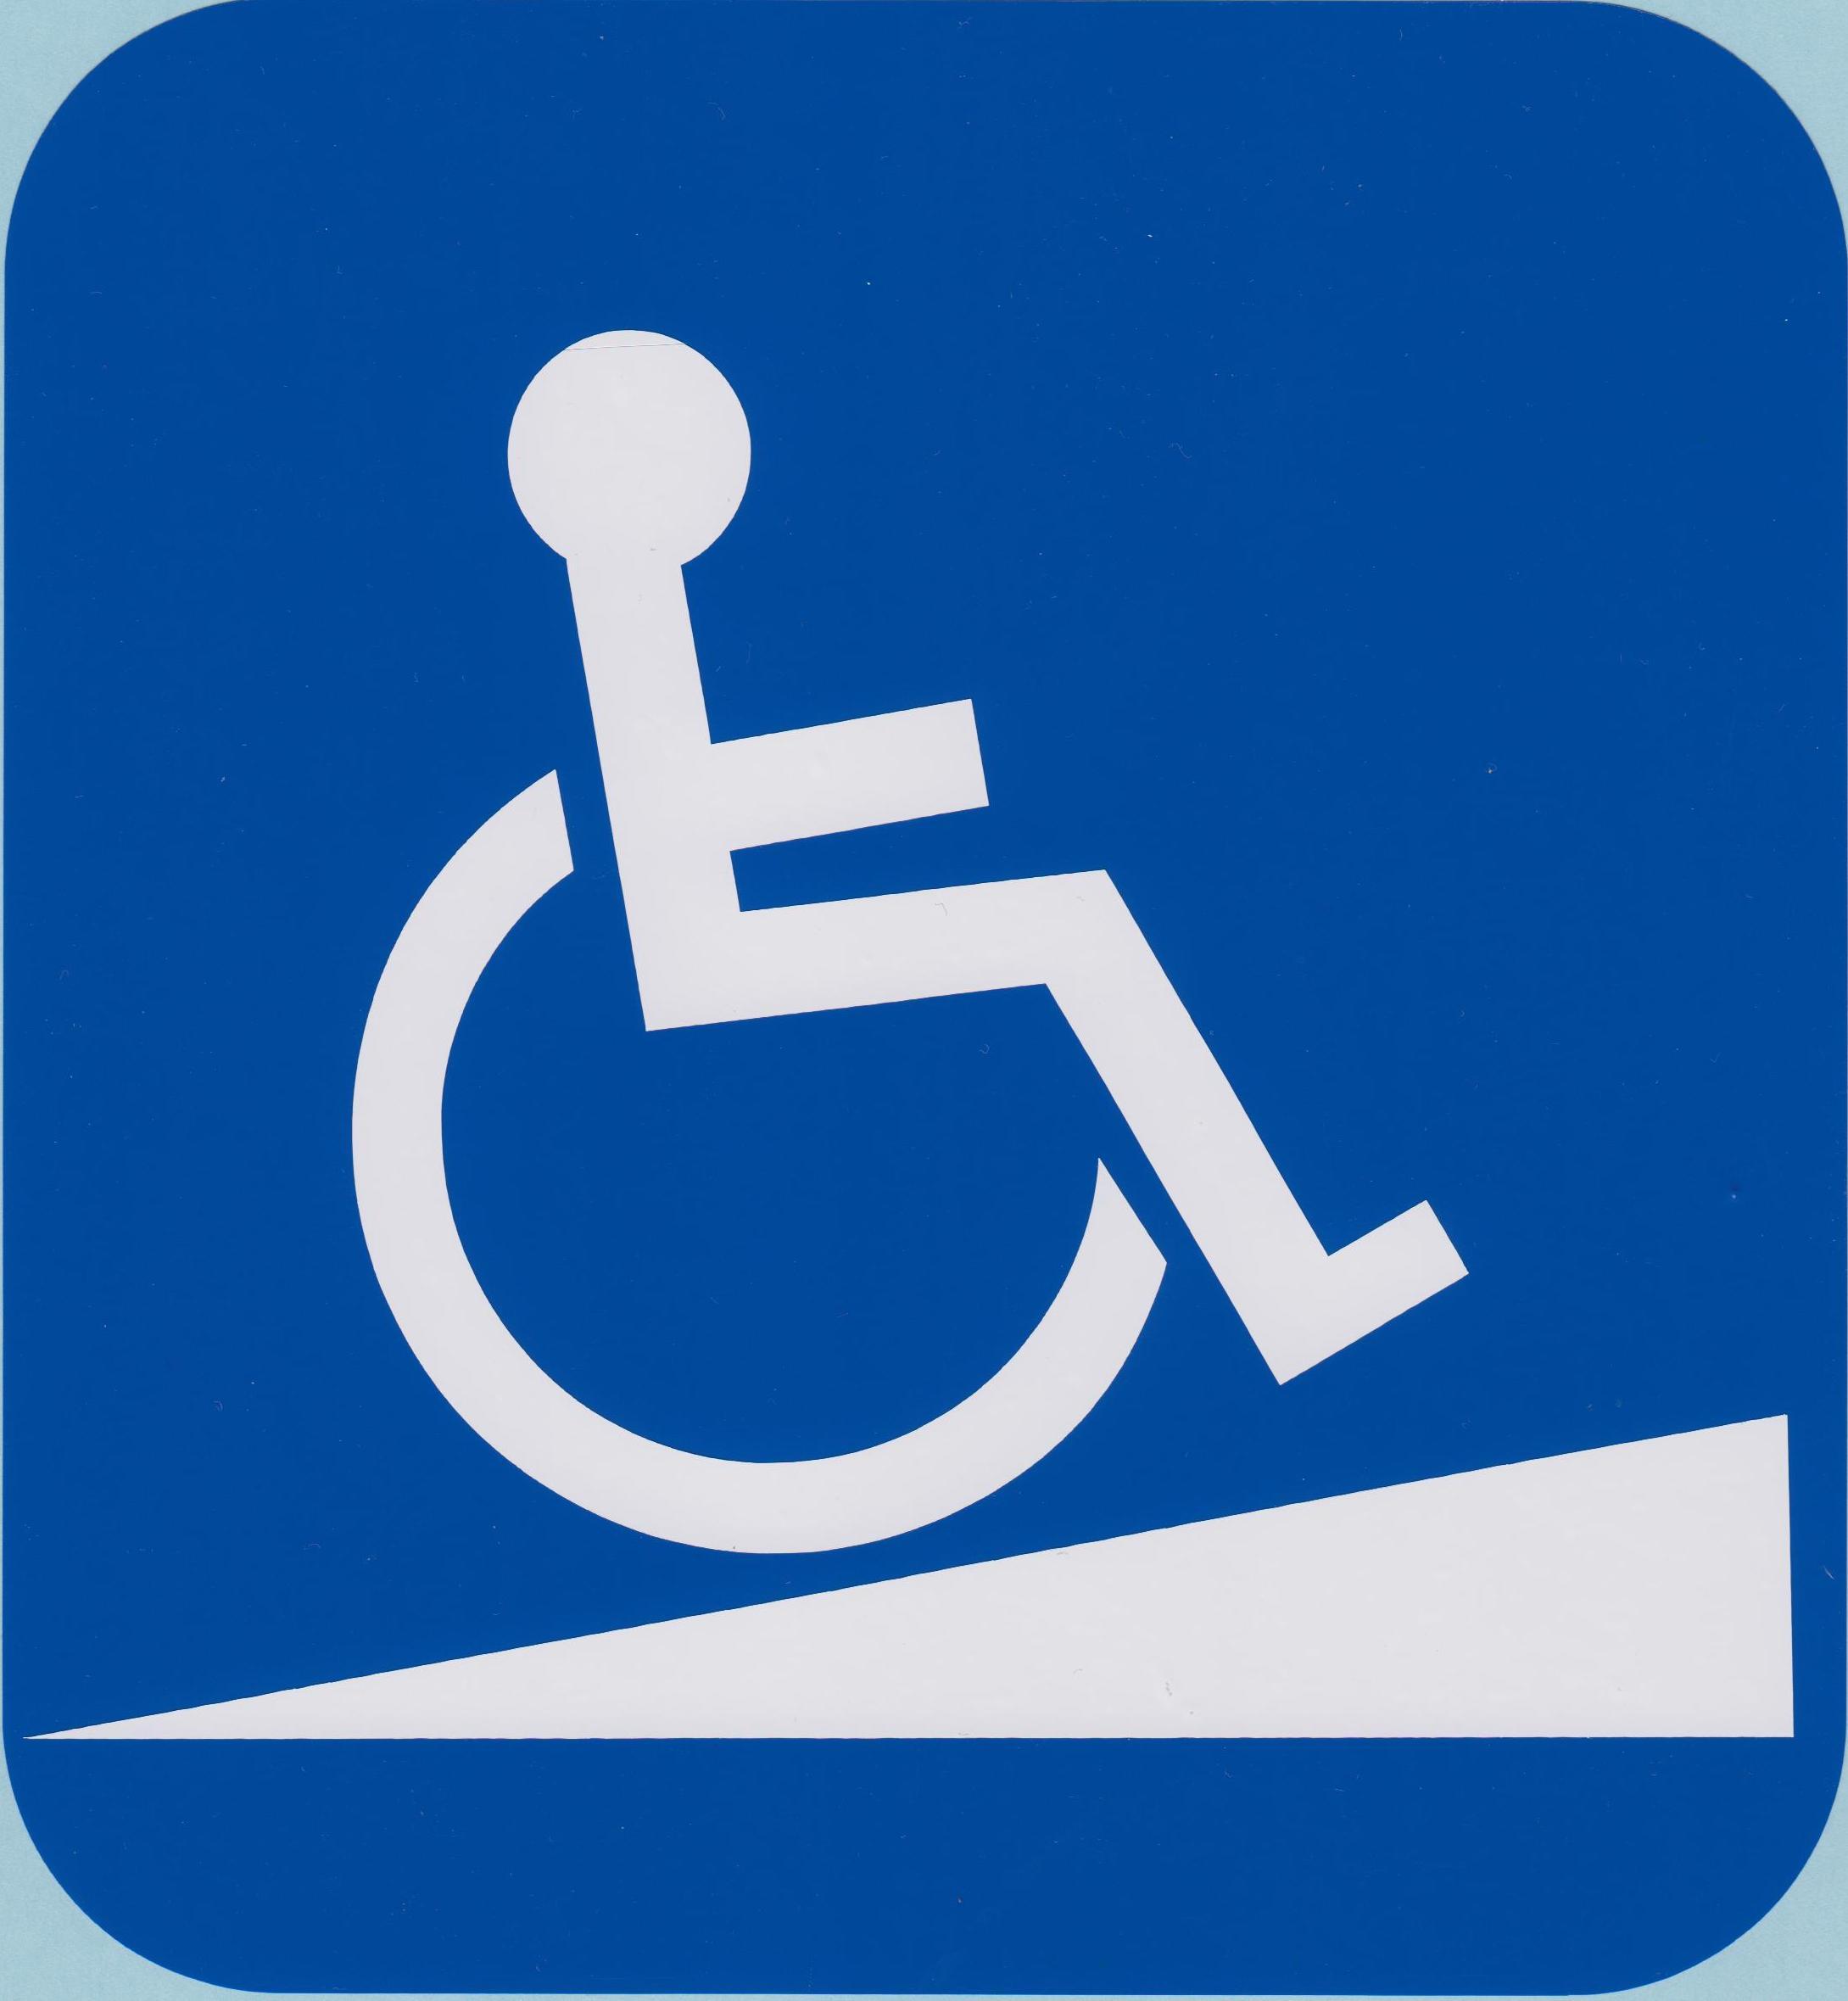 Wheelchair ramp clipart.